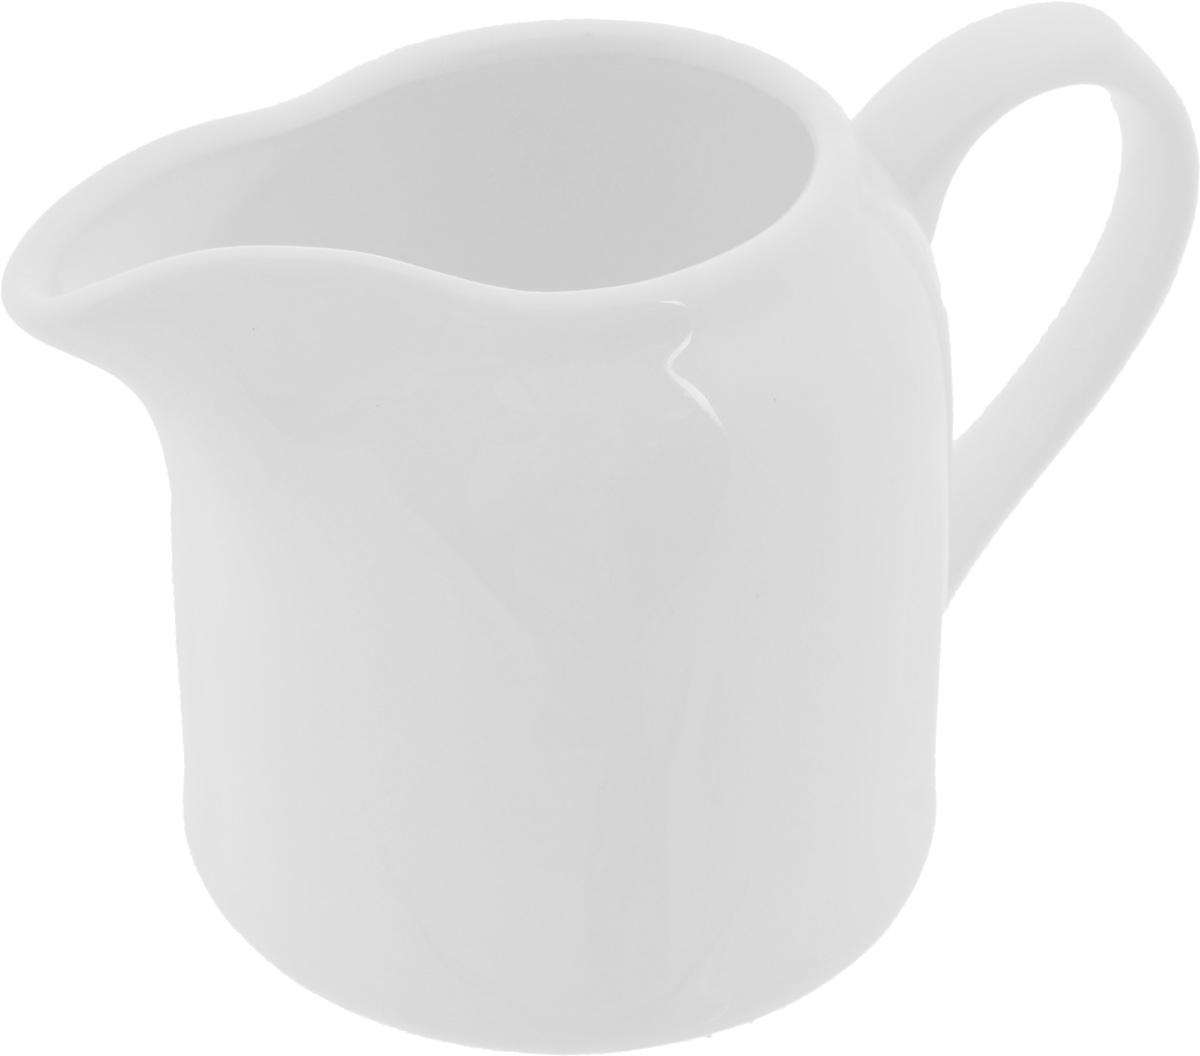 Молочник Wilmax, 250 млWL-995018 / 1CЭлегантный молочник Wilmax выполнен из высококачественного фарфора с глазурованнымпокрытием.Молочник имеет широкое основание, удобную ручку и носик. Предназначен для сливок и молока. Такое изделие украсит ваш праздничный или обеденный стол, а нежное исполнение понравитсялюбой хозяйке. Можно мыть в посудомоечной машине и использовать в микроволновой печи. Диаметр молочника по верхнему краю: 4,5 см. Диаметр основания: 7,5 см.Высота салатника: 8 см.